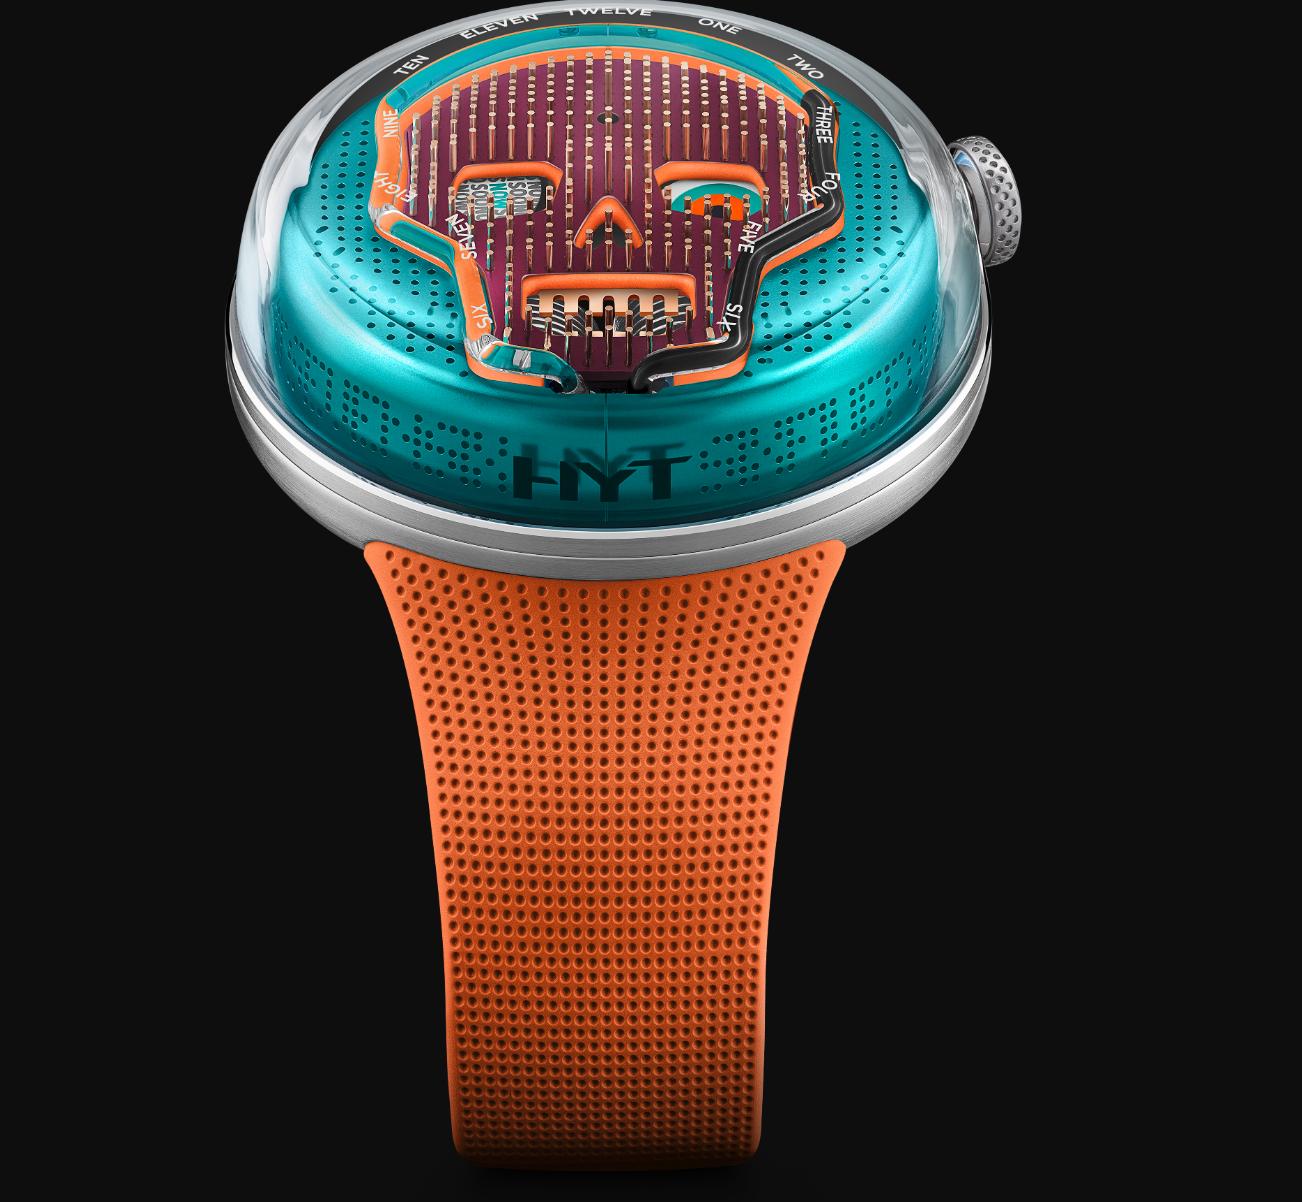 El nuevo reloj de HYT se llama Soonow Drop Three